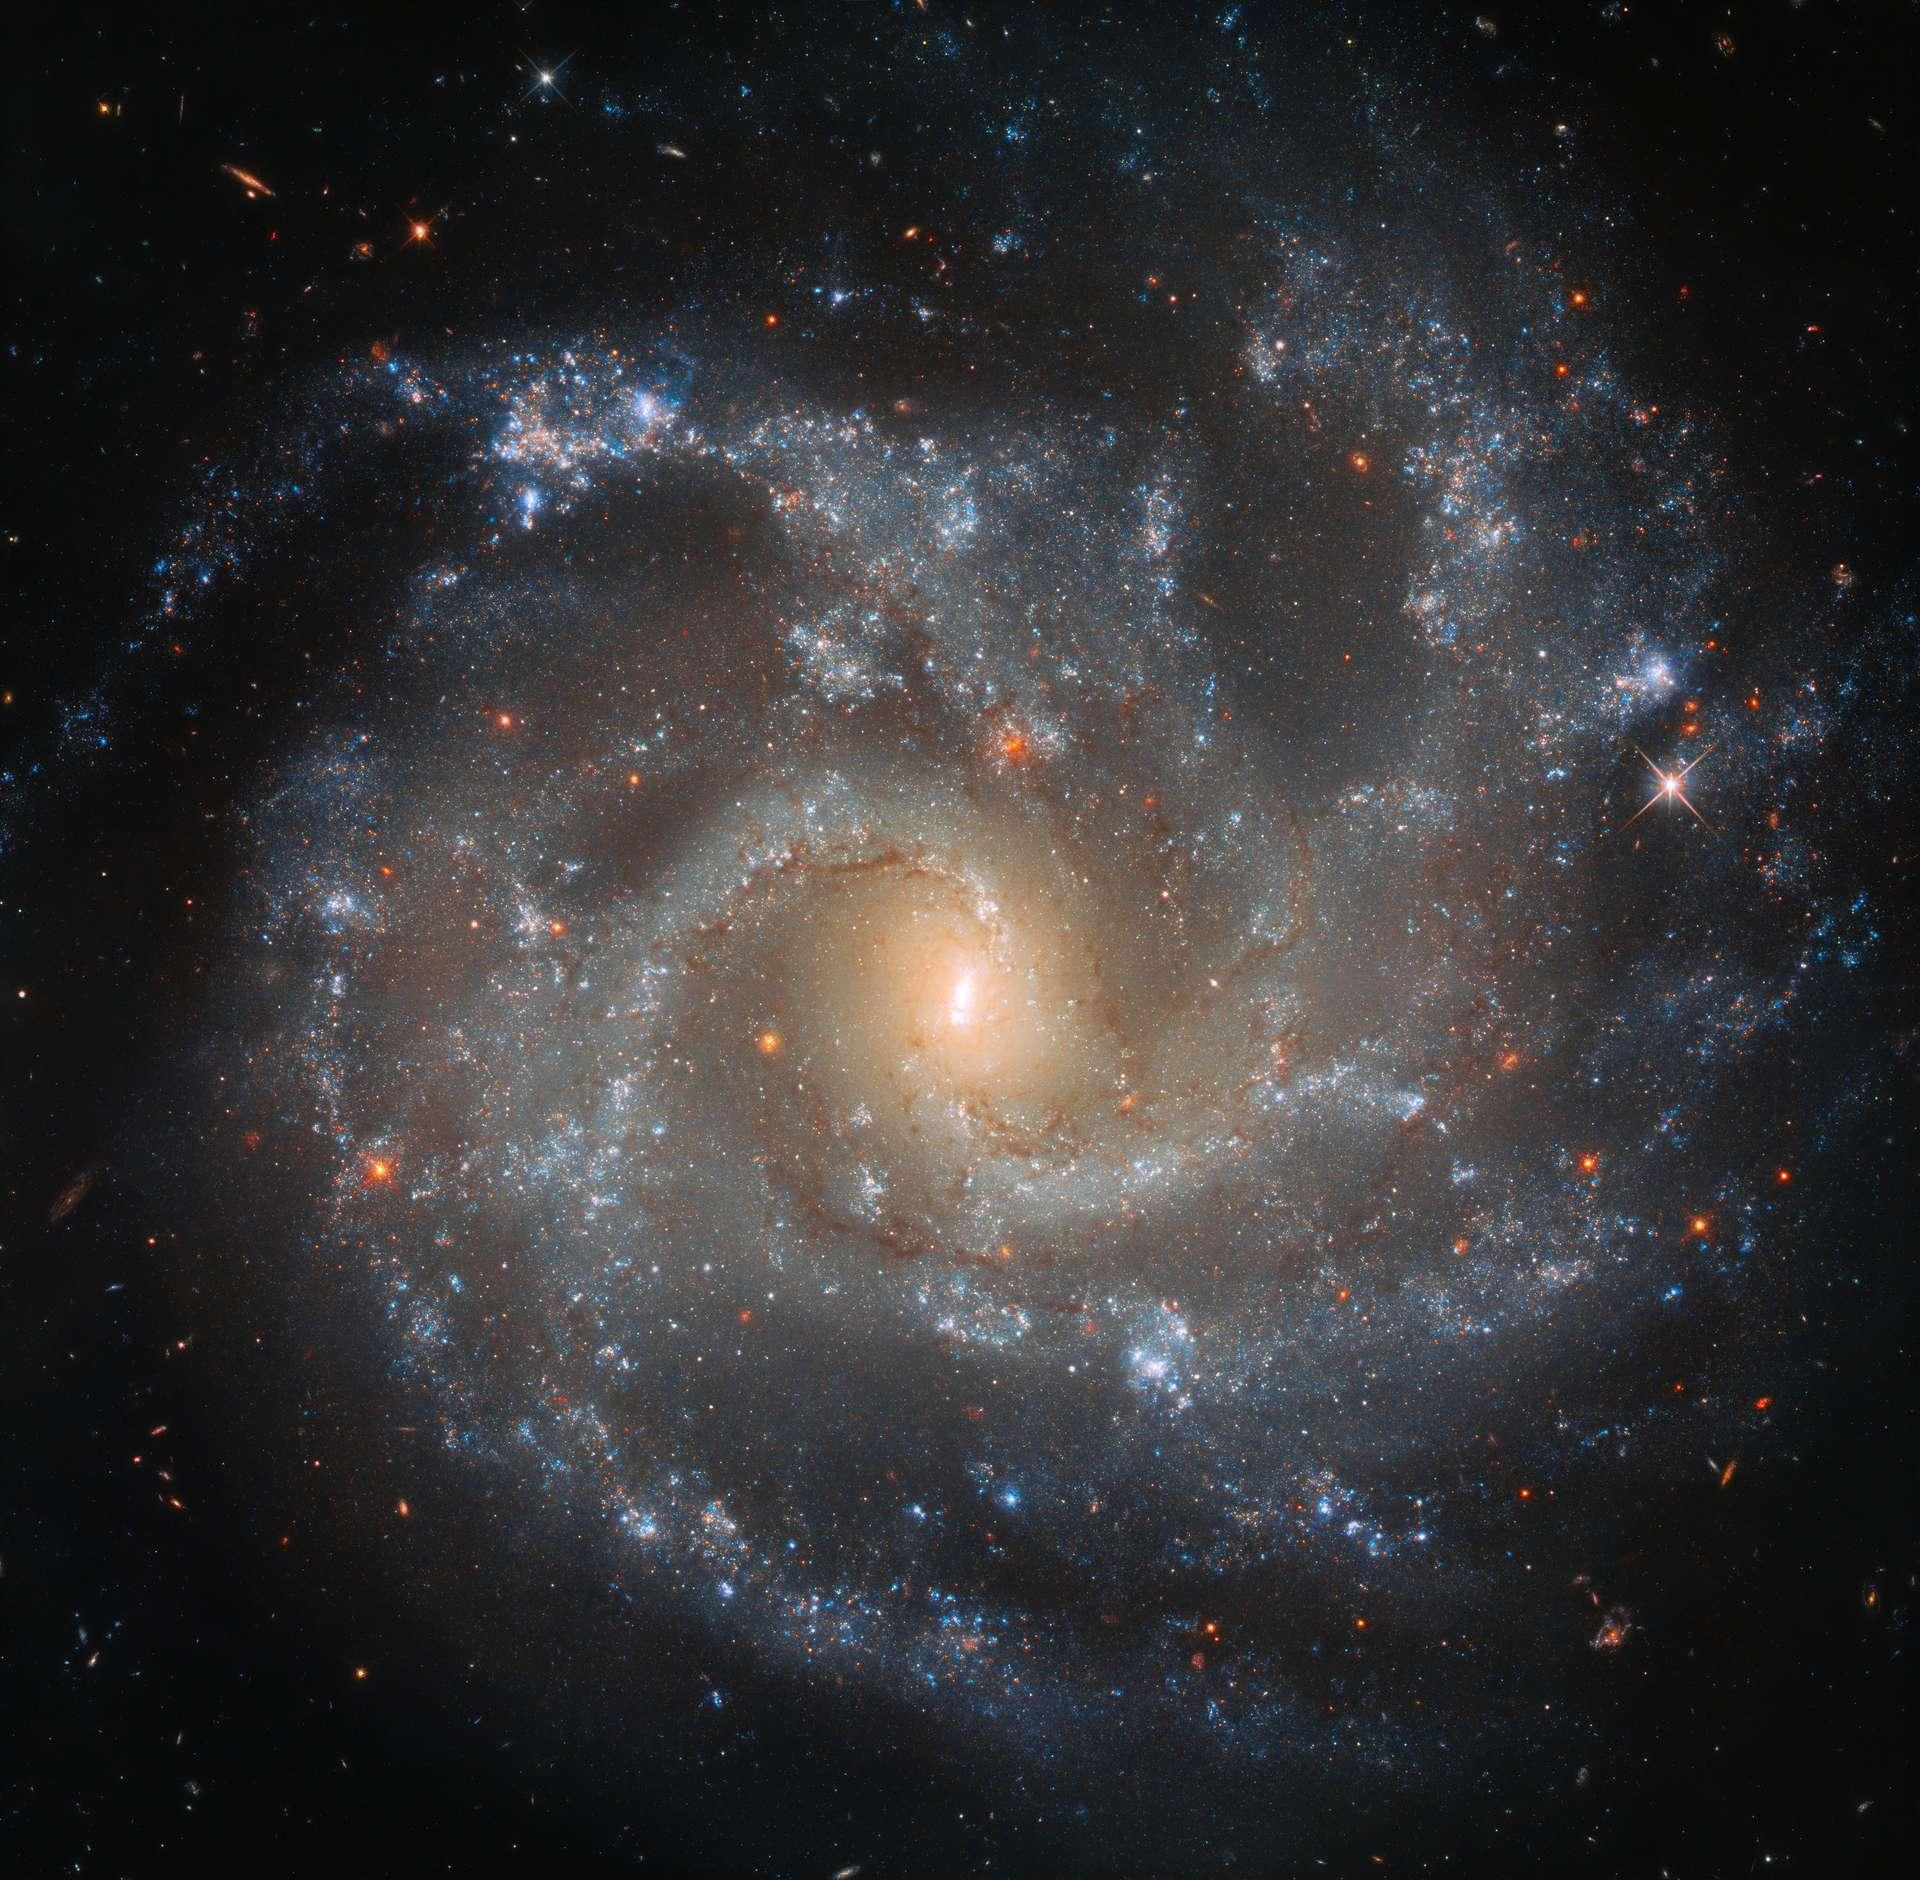 Superbes détails de la galaxie NGC 5468 photograhiée par Hubble. © ESA, Hubble, Nasa, W. Li et al.